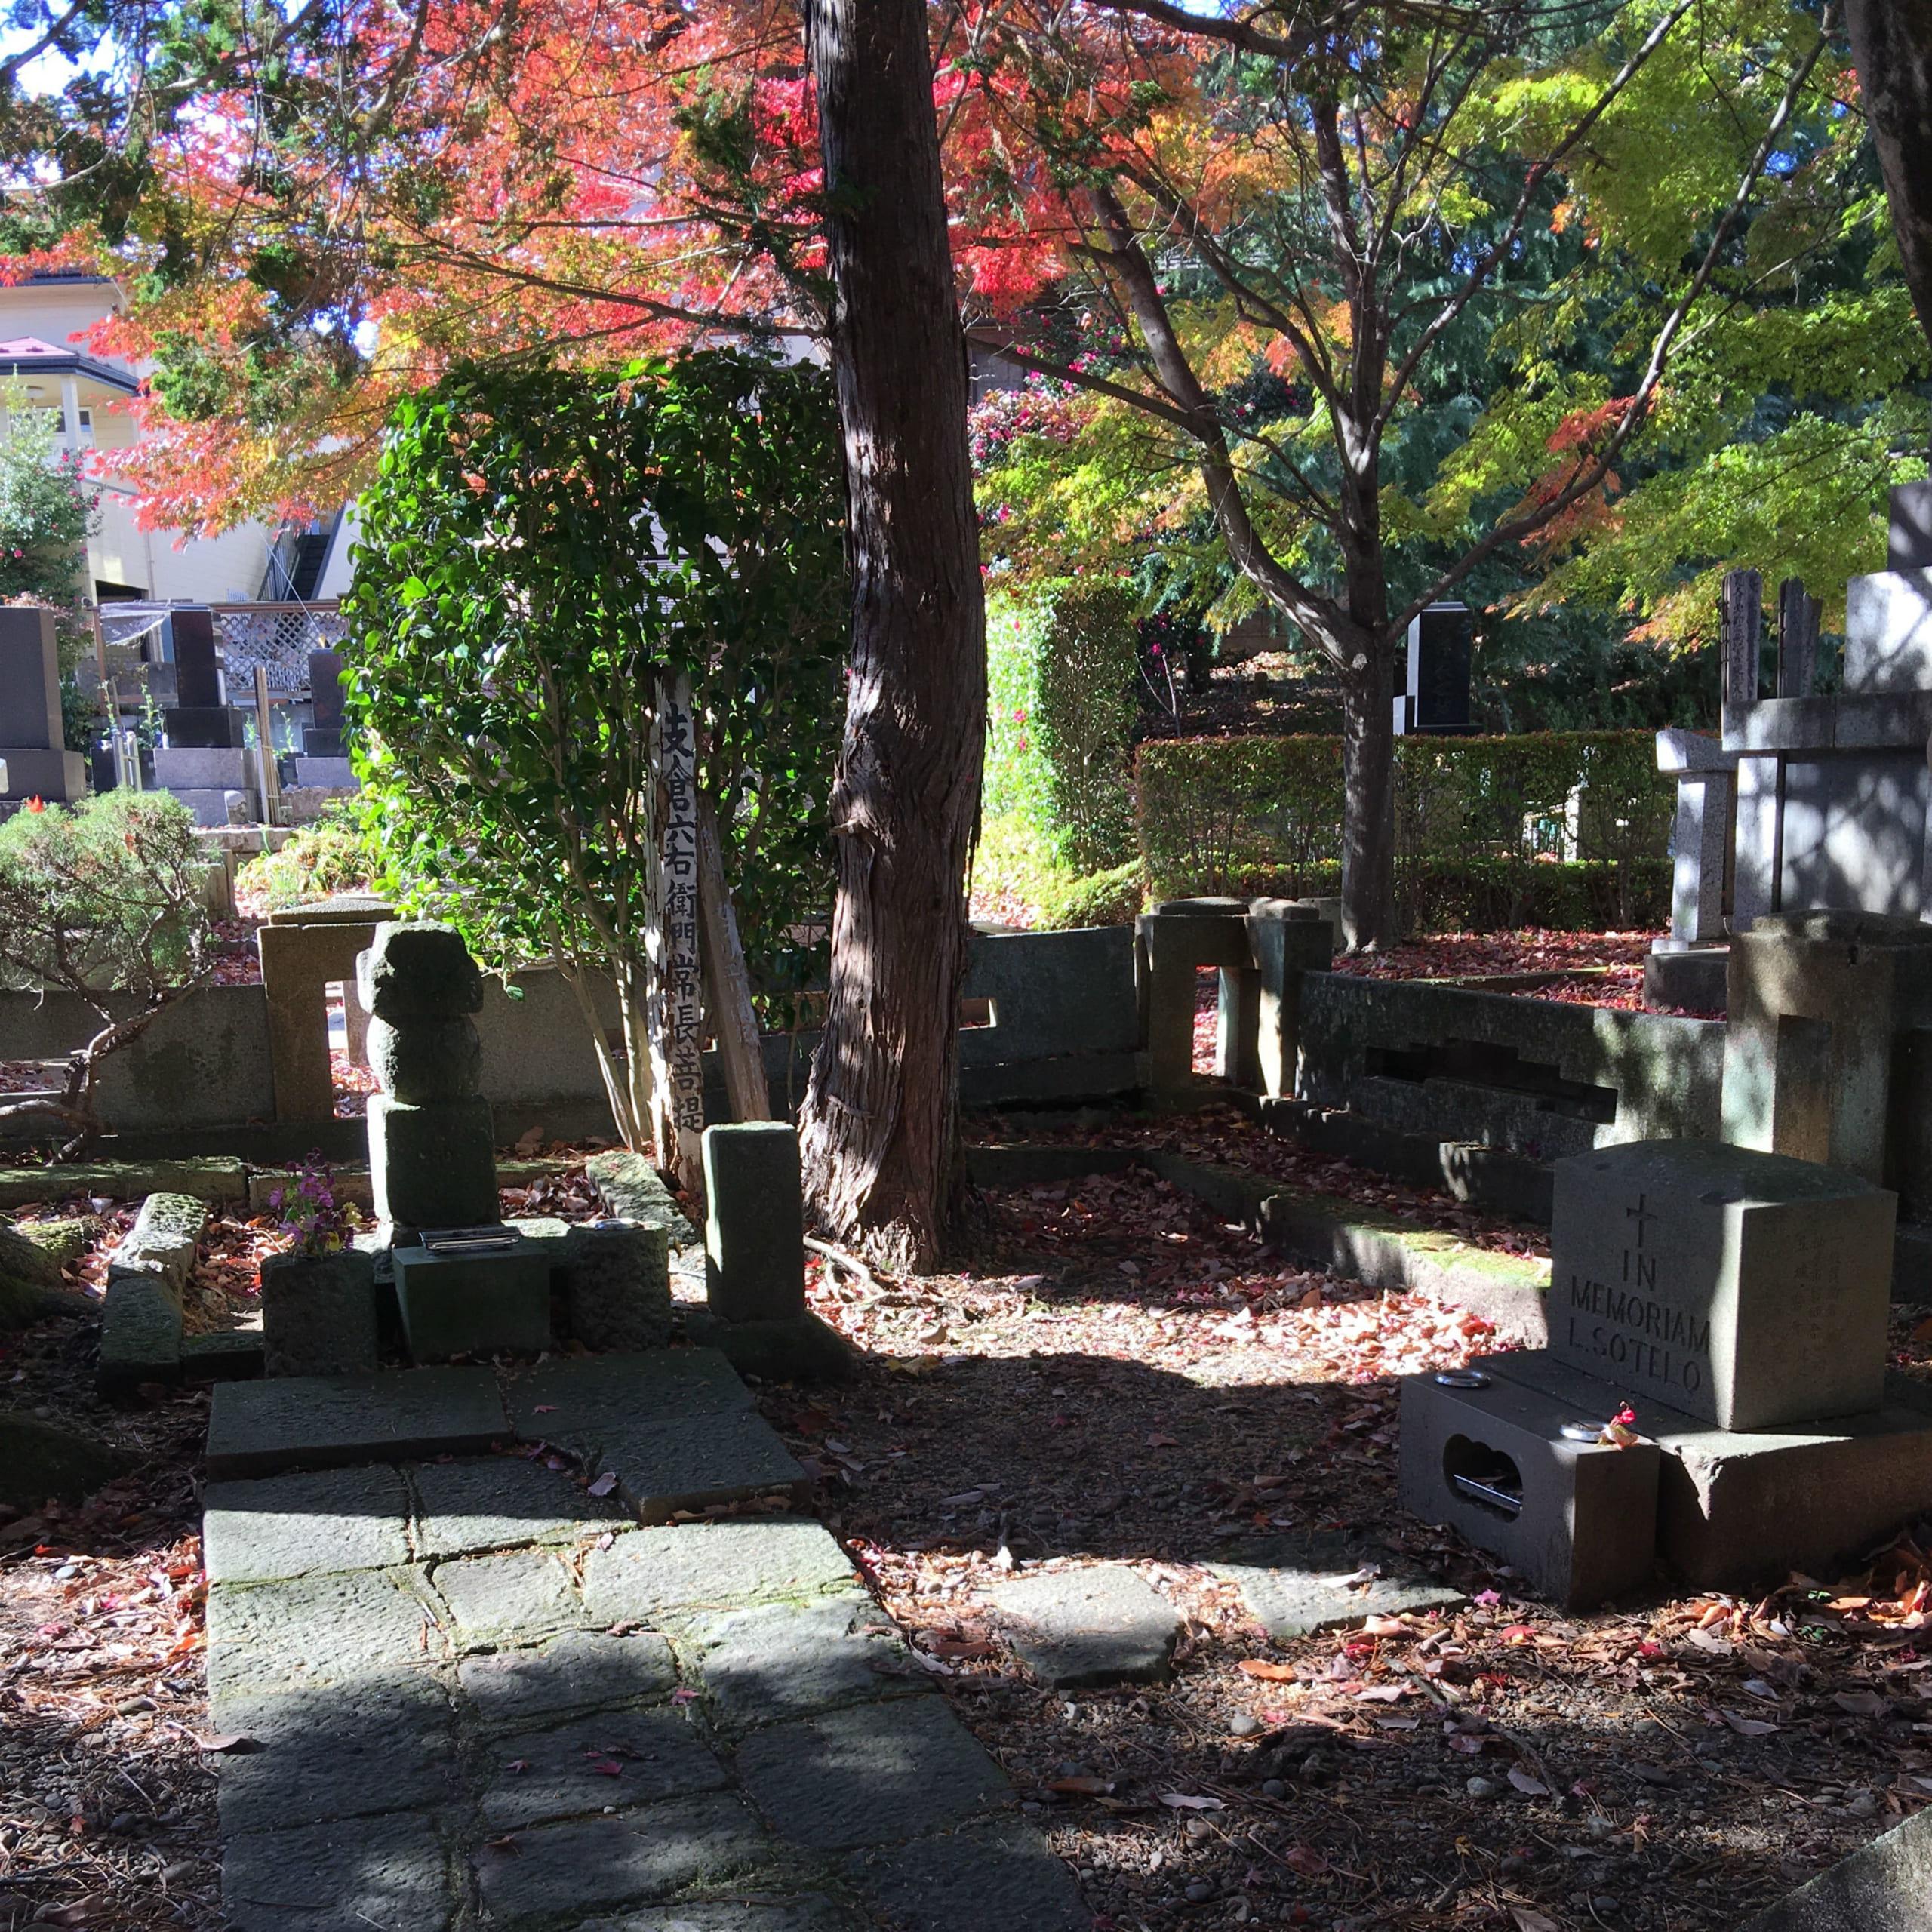 松蔭山光明寺 境内の墓地に眠る伊達政宗ゆかりの人々